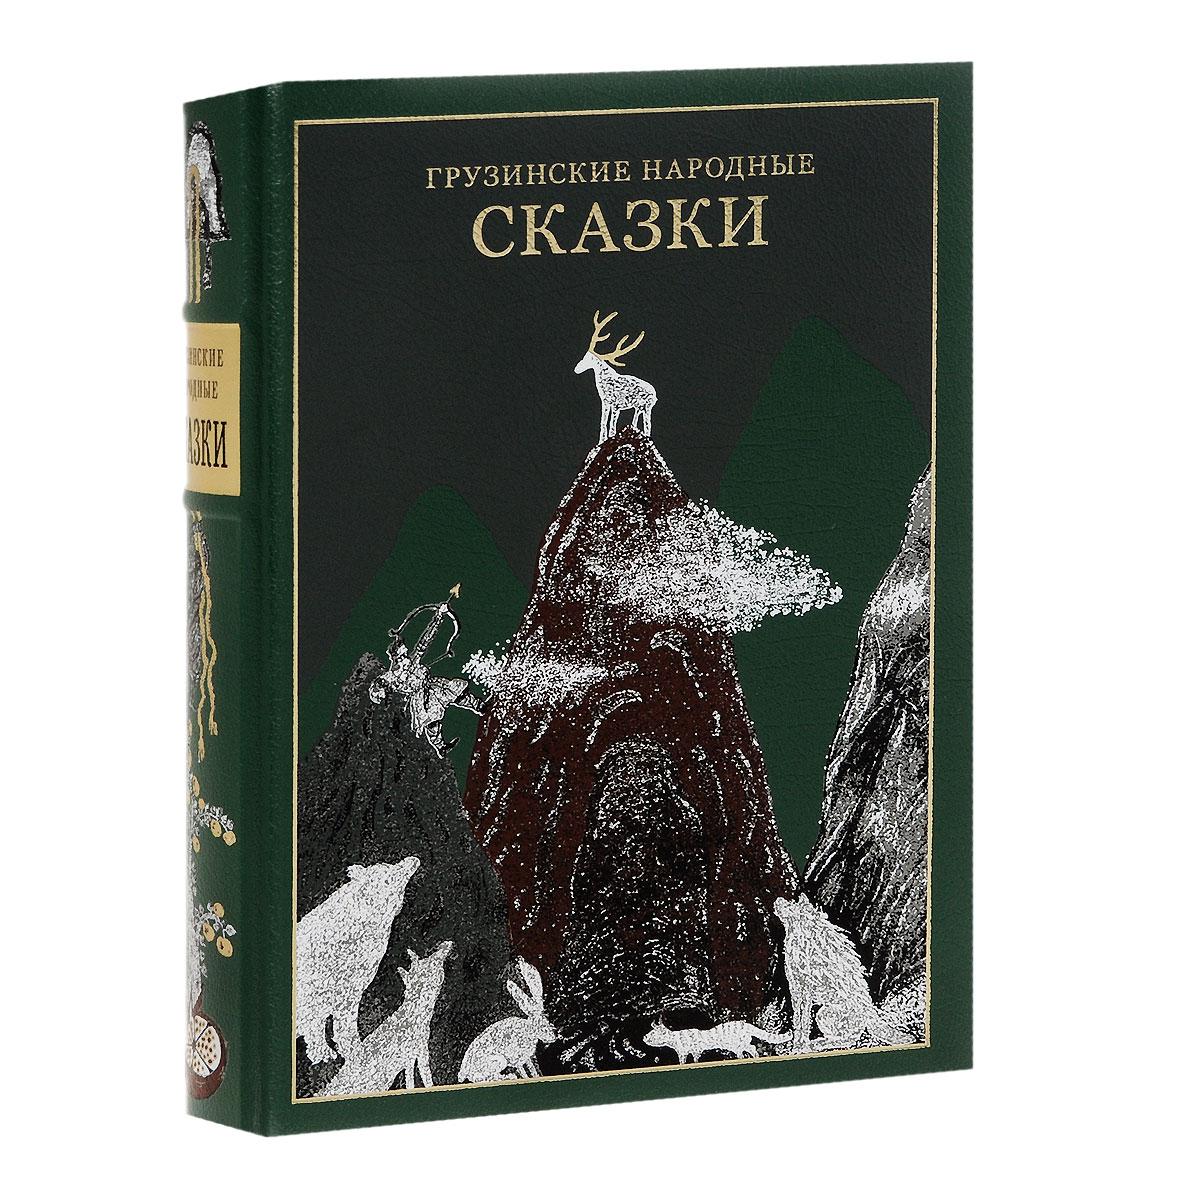 Грузинские народные сказки (подарочное издание) лесные сказки подарочное издание 3 dvd